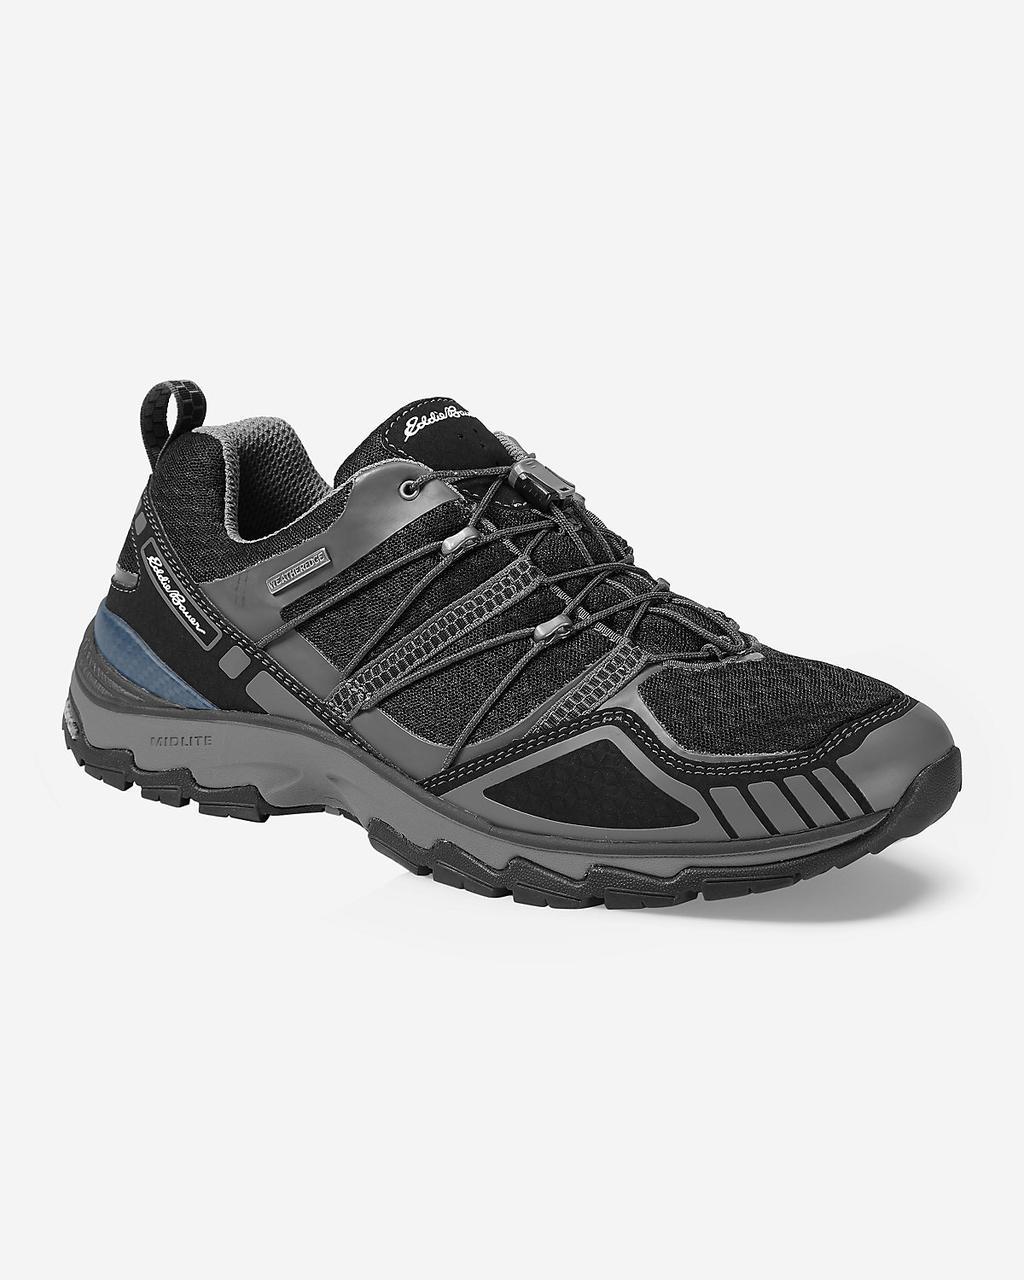 Мужские кроссовки  Eddie Bauer Mens Ridgeline Trail Pro BLACK